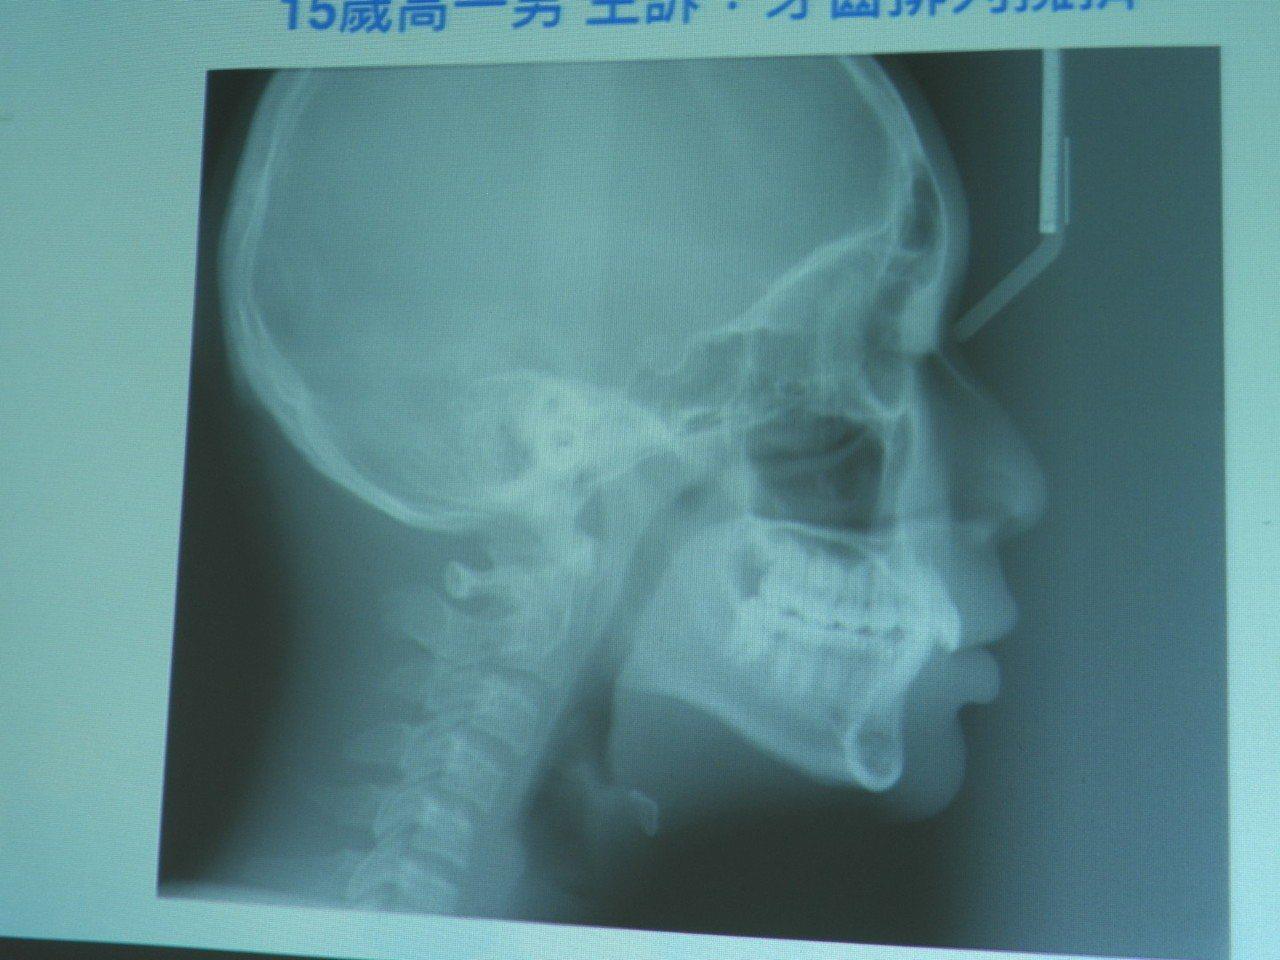 呂姓學生牙齒矯正前,上排牙齒明顯突出。記者周宗禎/攝影